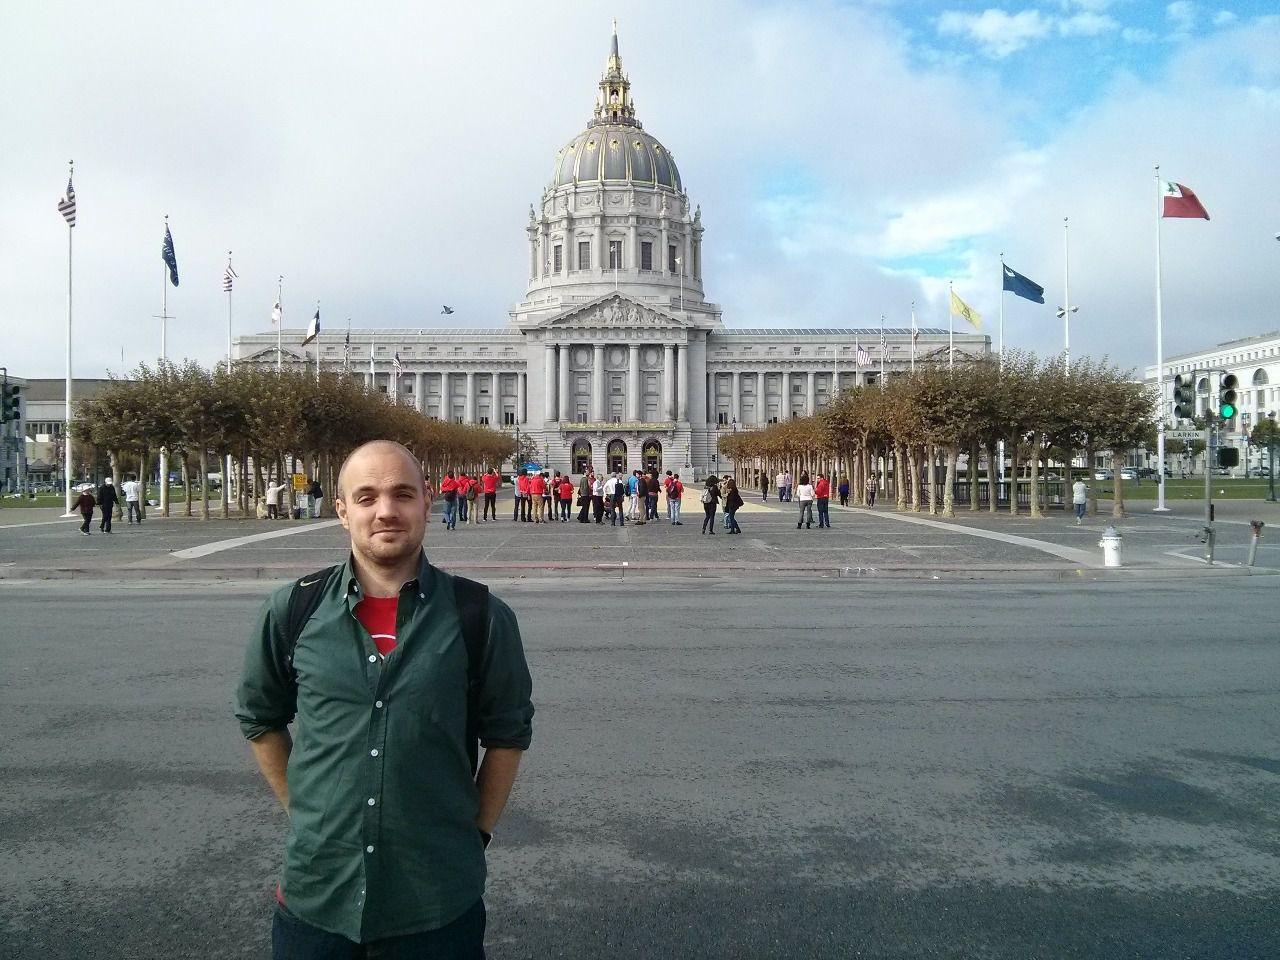 #DÍA3: Conociendo San Francisco